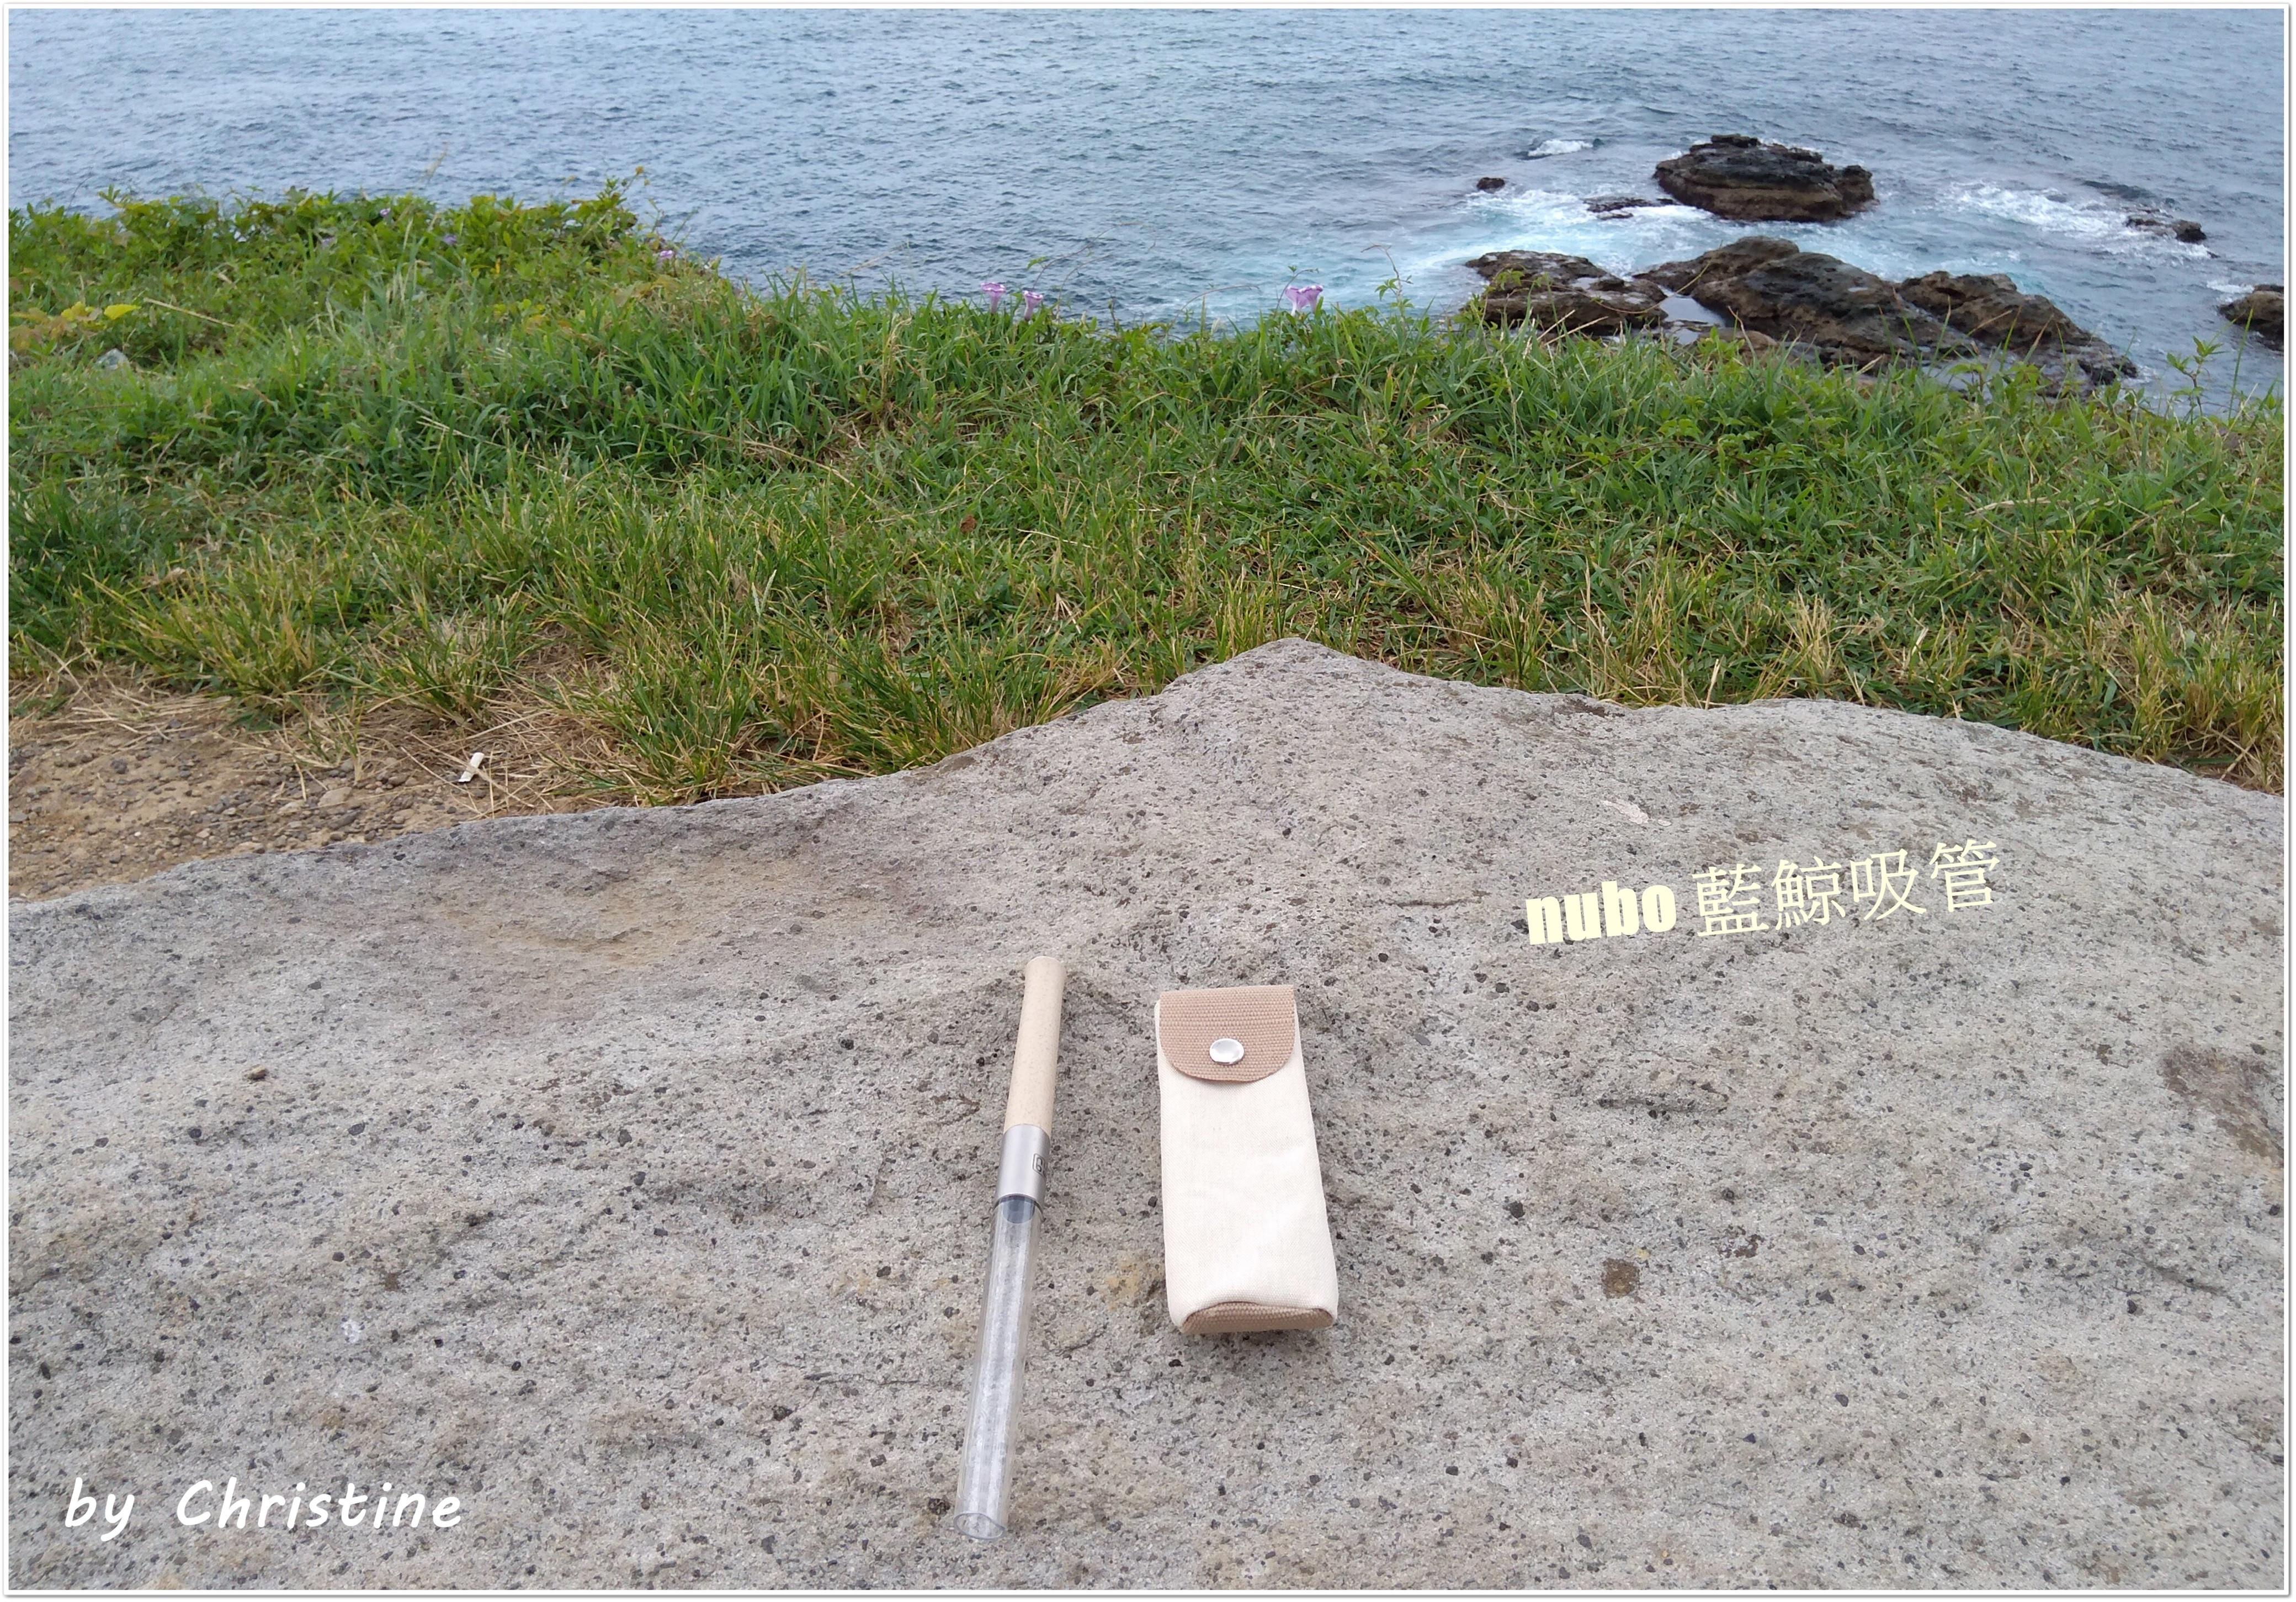 兼具環保與時尚的nubo 藍鯨吸管 送禮自用兩相宜的第 1 張圖片